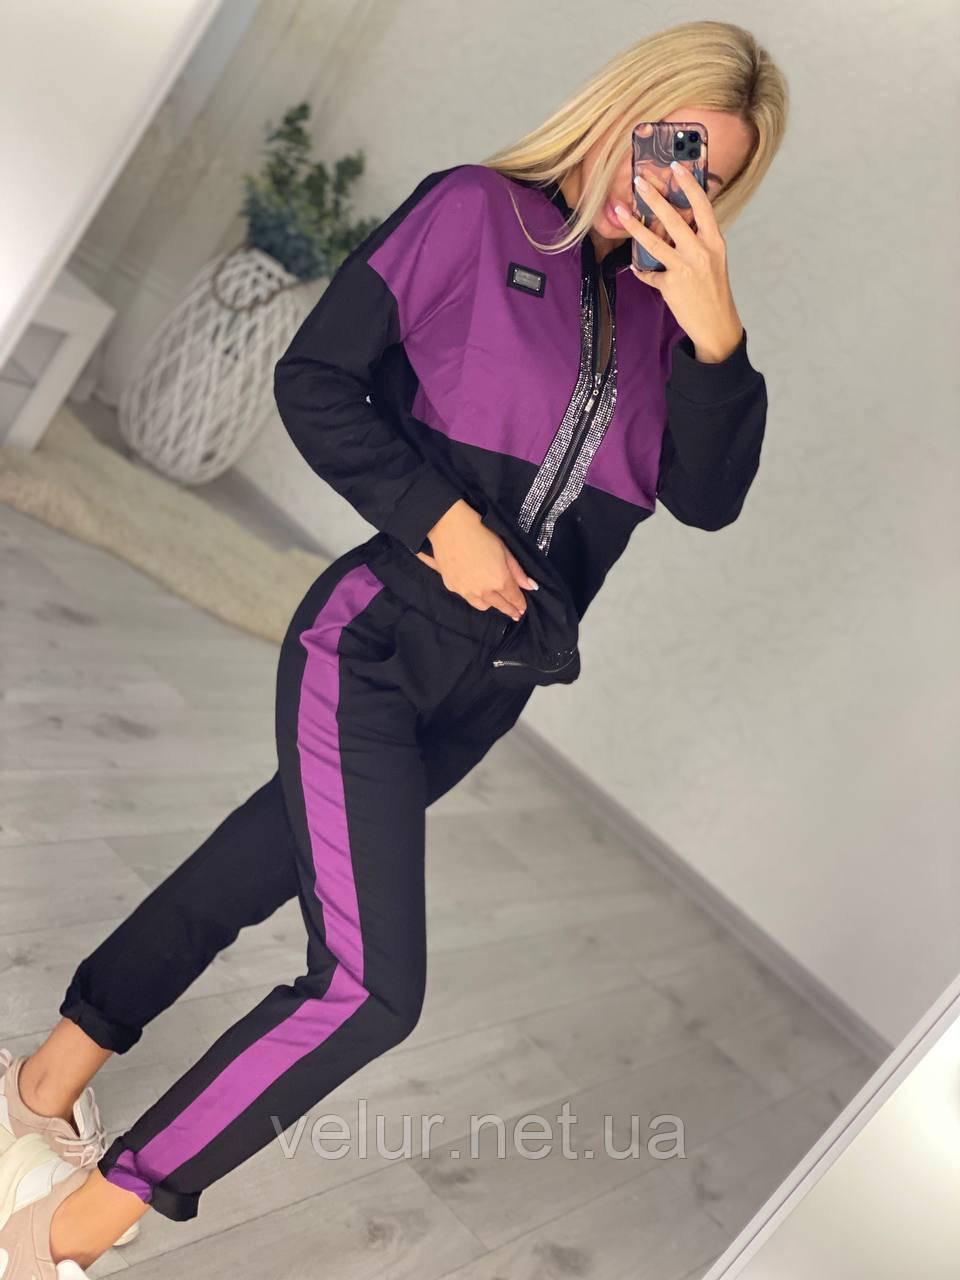 Женский спортивный костюм, украшен апликациями из камней (Турция); Размер:С,М,Л,ХЛ (полномерные)